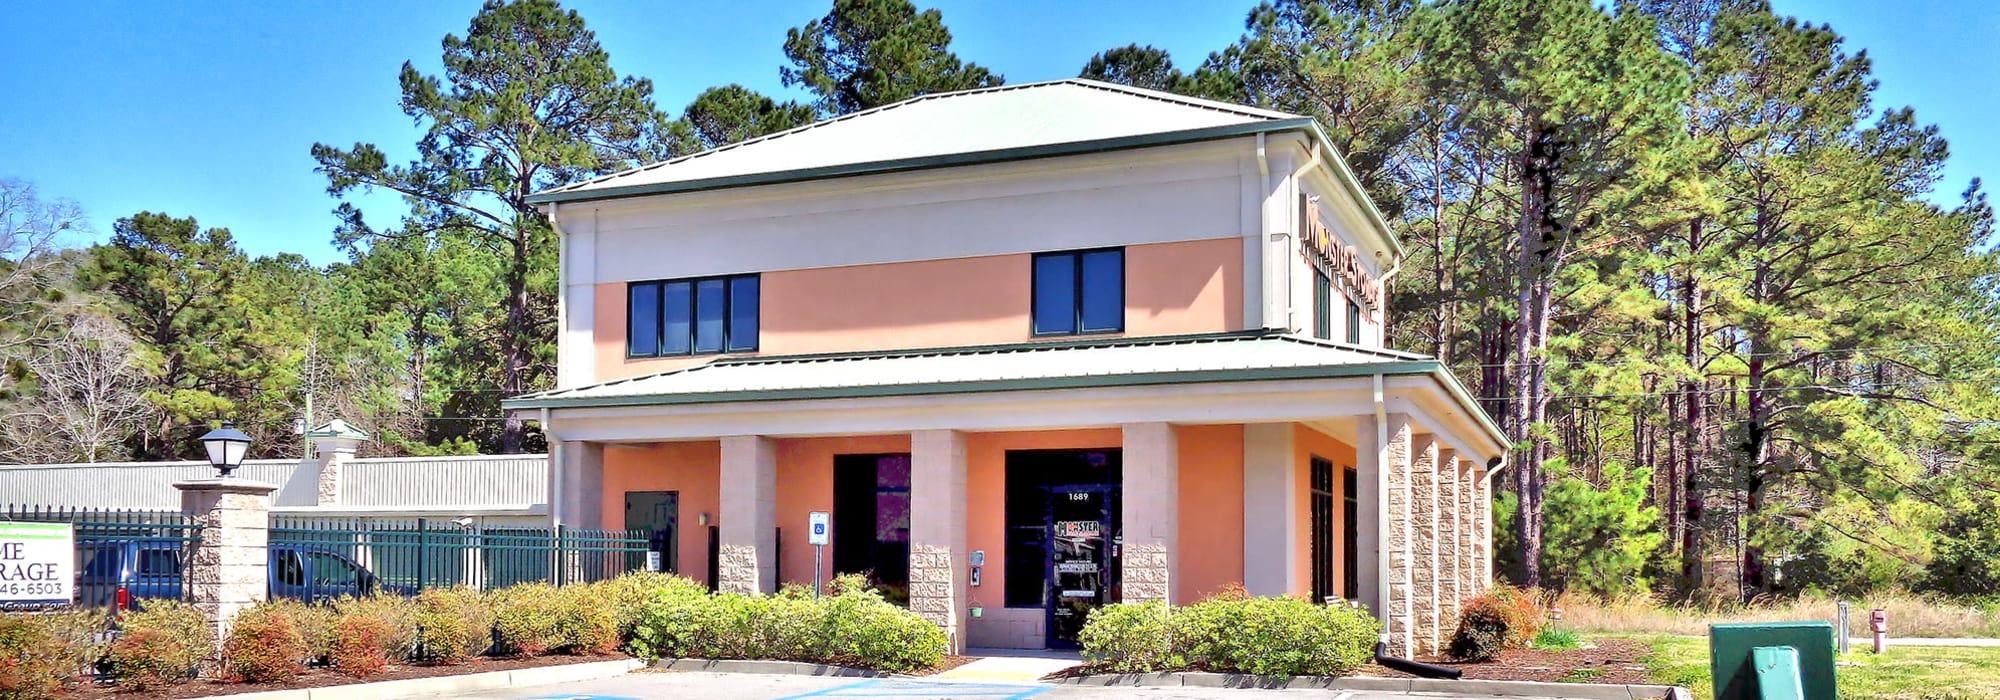 Prime Storage in Hardeeville, SC